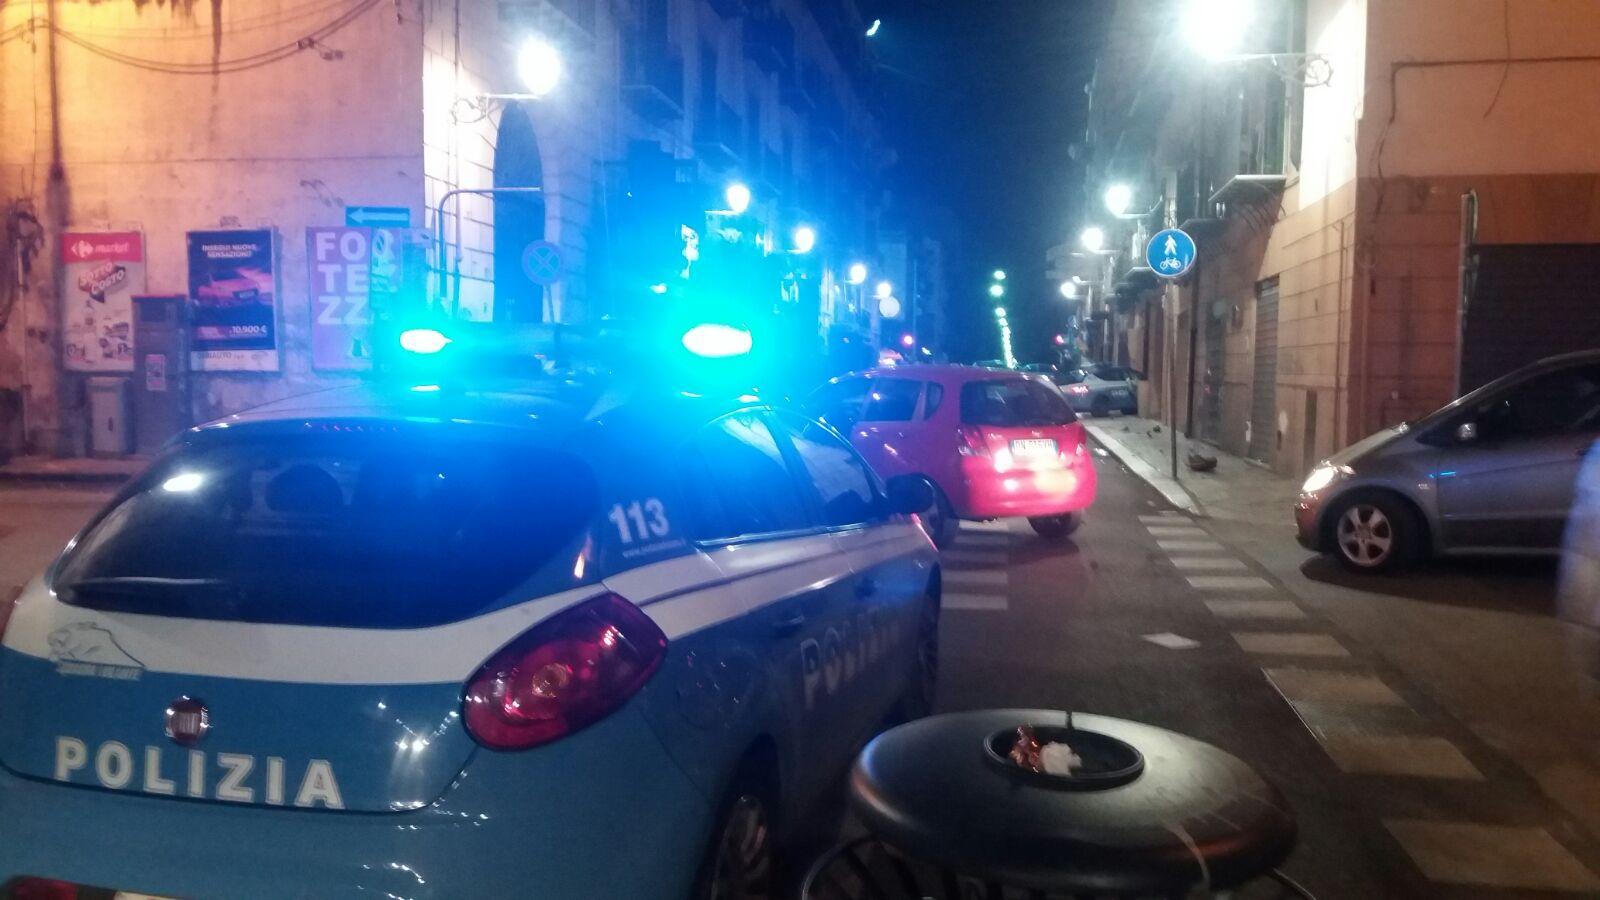 Palermo, scontro fra una moto ed un'auto della polizia: un morto e 3 feriti